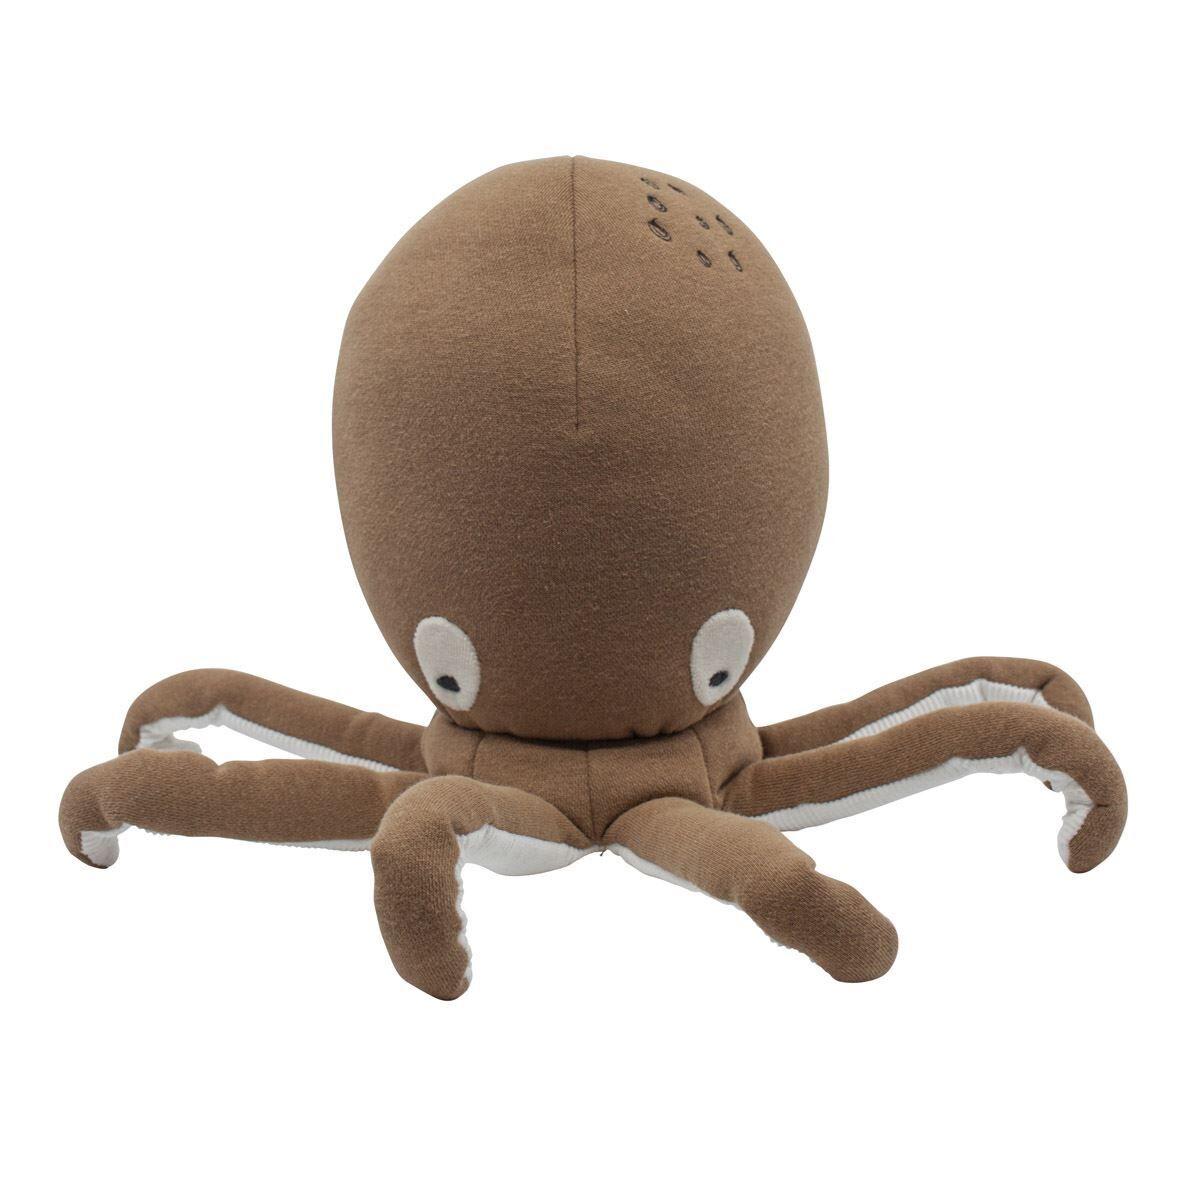 Sebra Kosedyr, Morgan the octopus, rusty brown